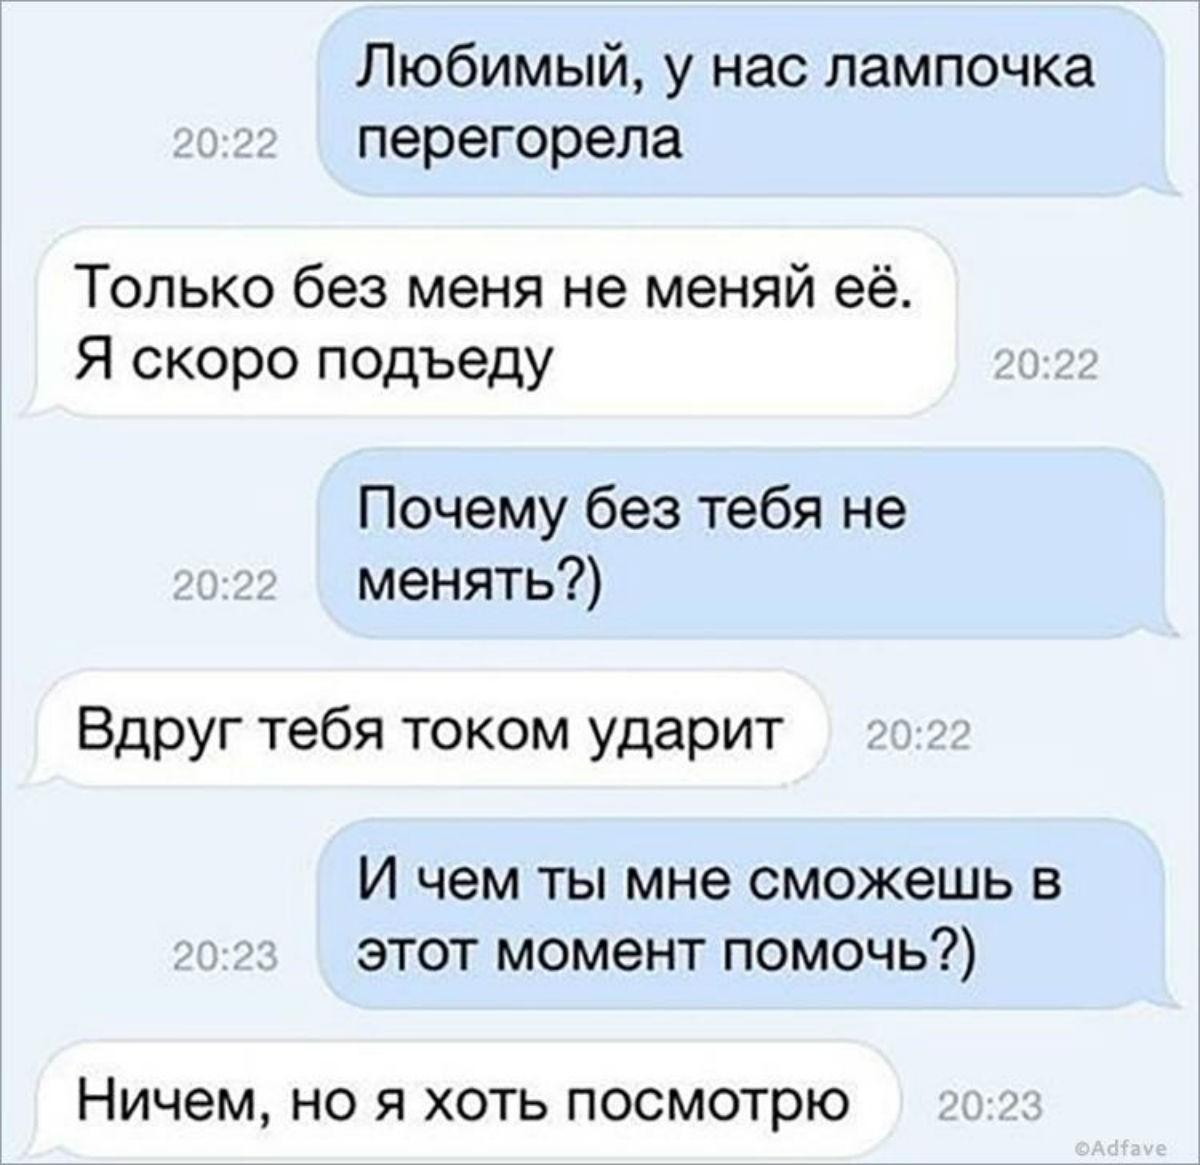 СМС в которых вся суть отношений